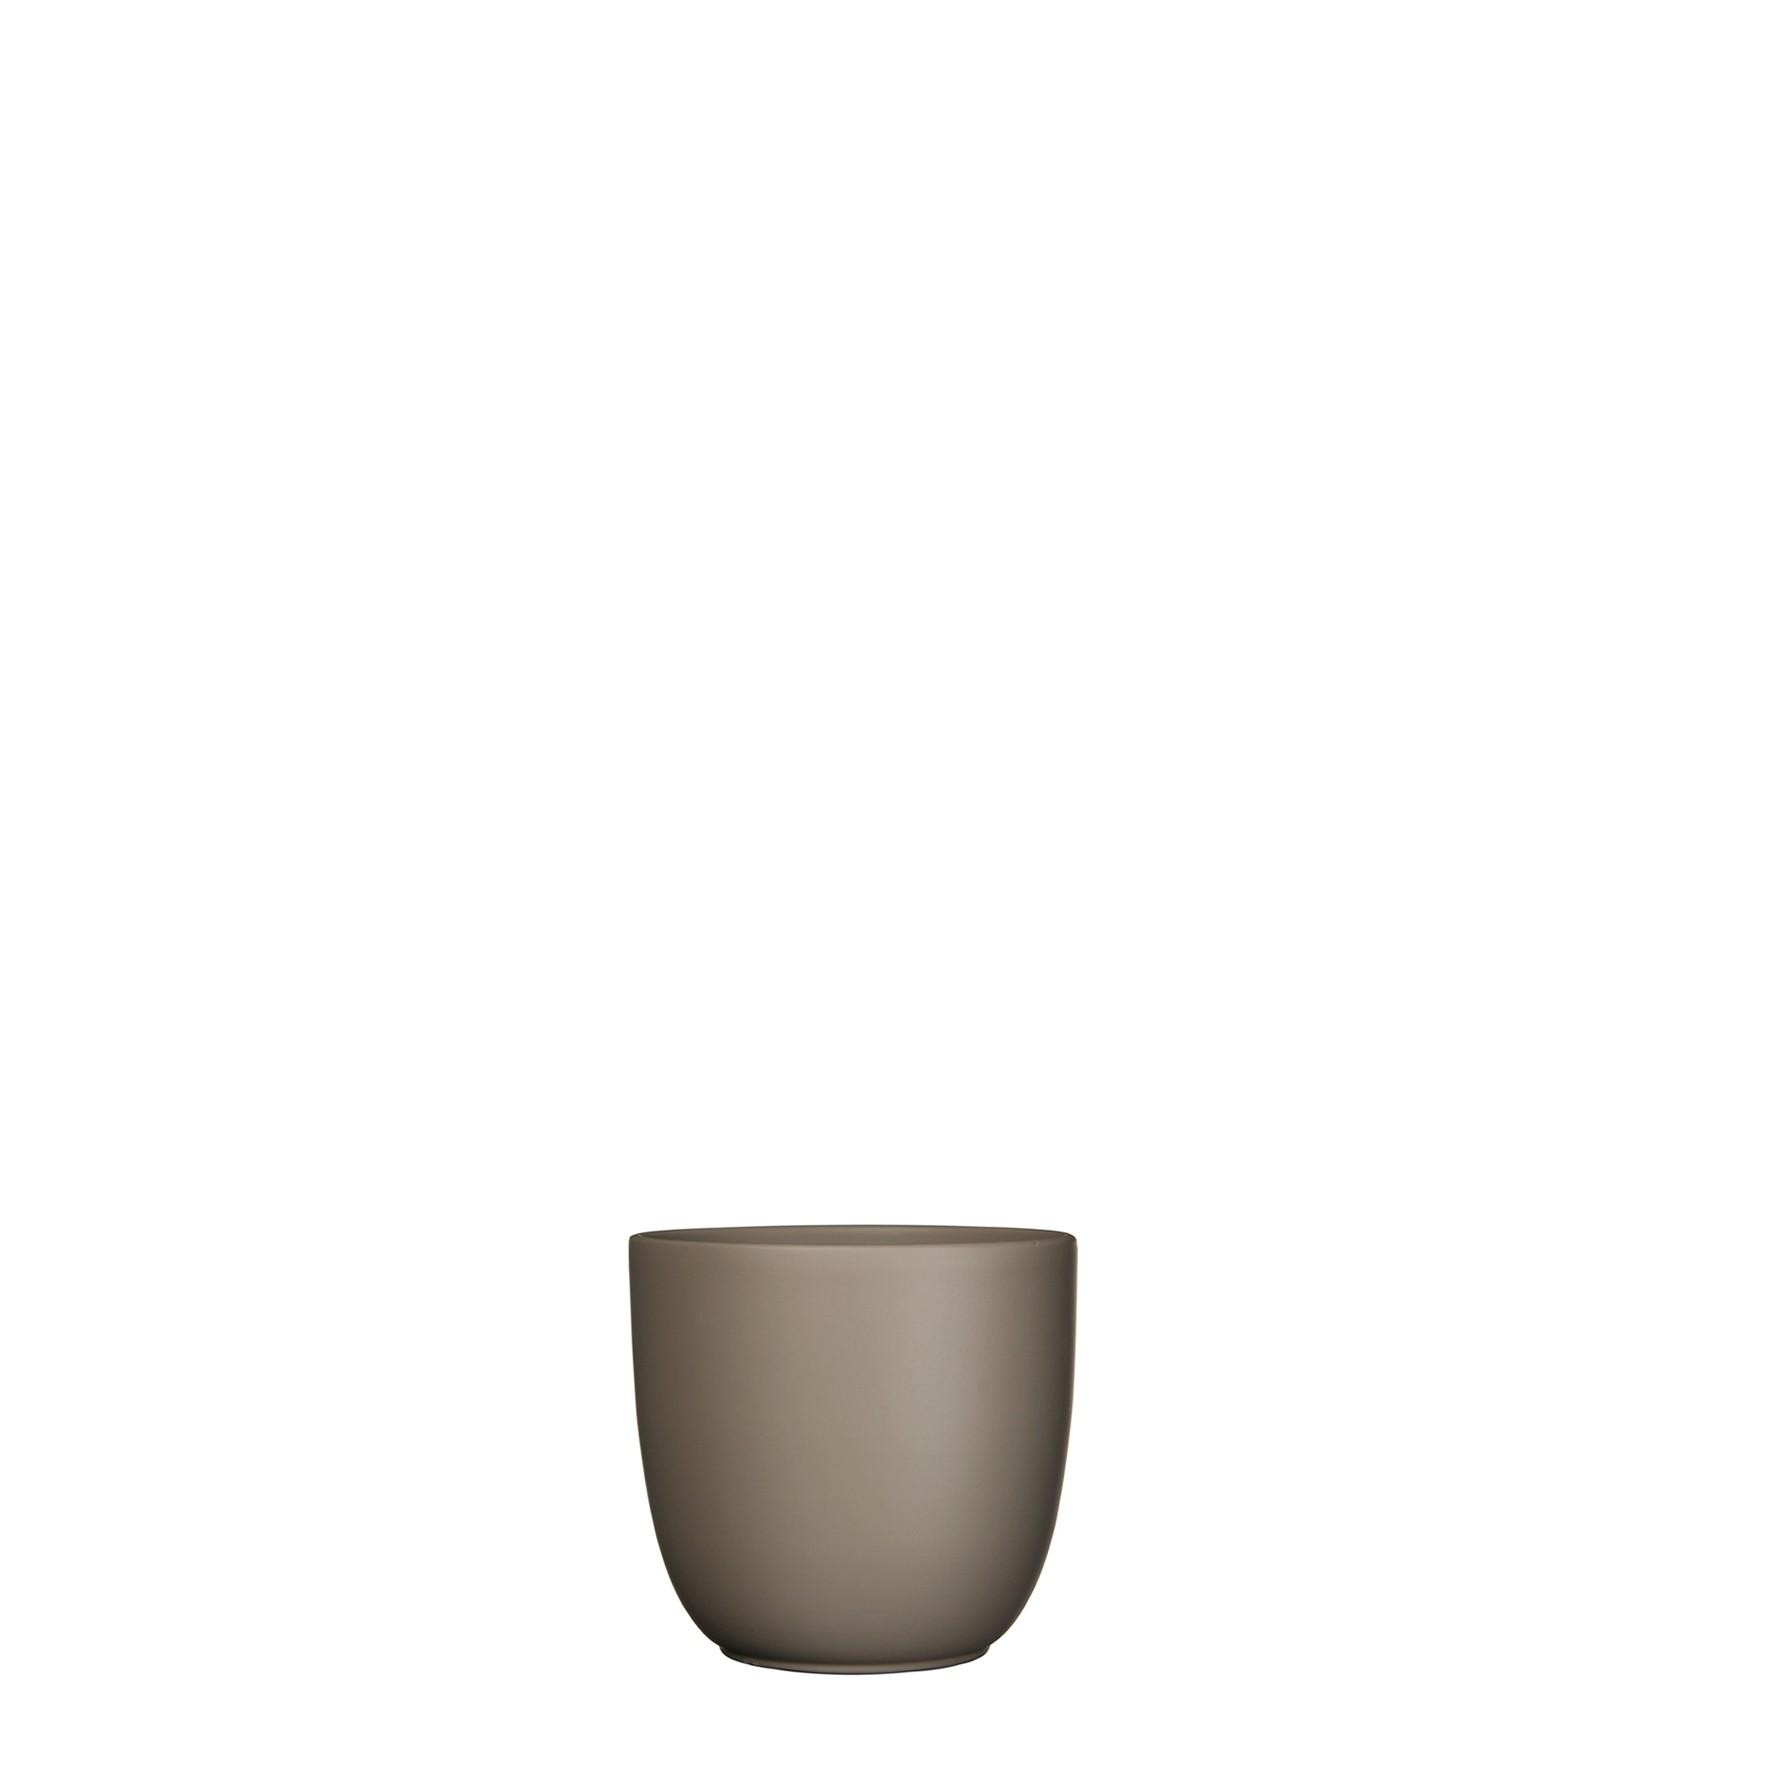 Bloempot Pot rond es/9 tusca 9 x 10 cm taupe mat Mica